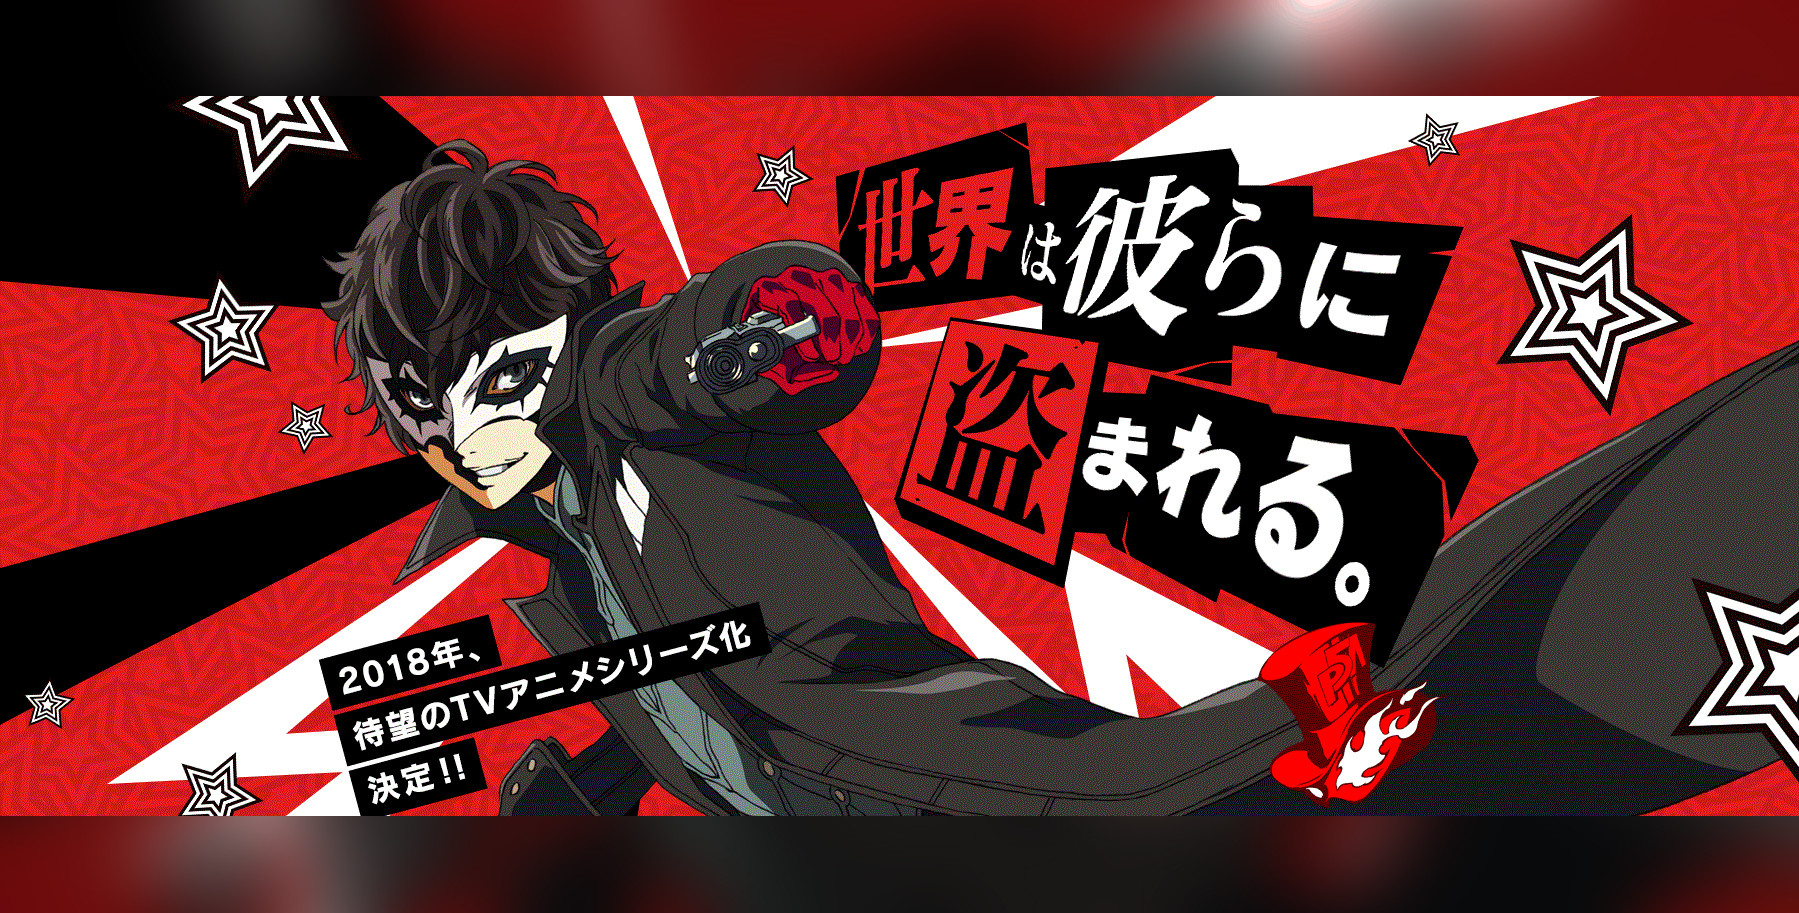 Persona 5 TV Animesinin Ayrıntıları Belli Oldu